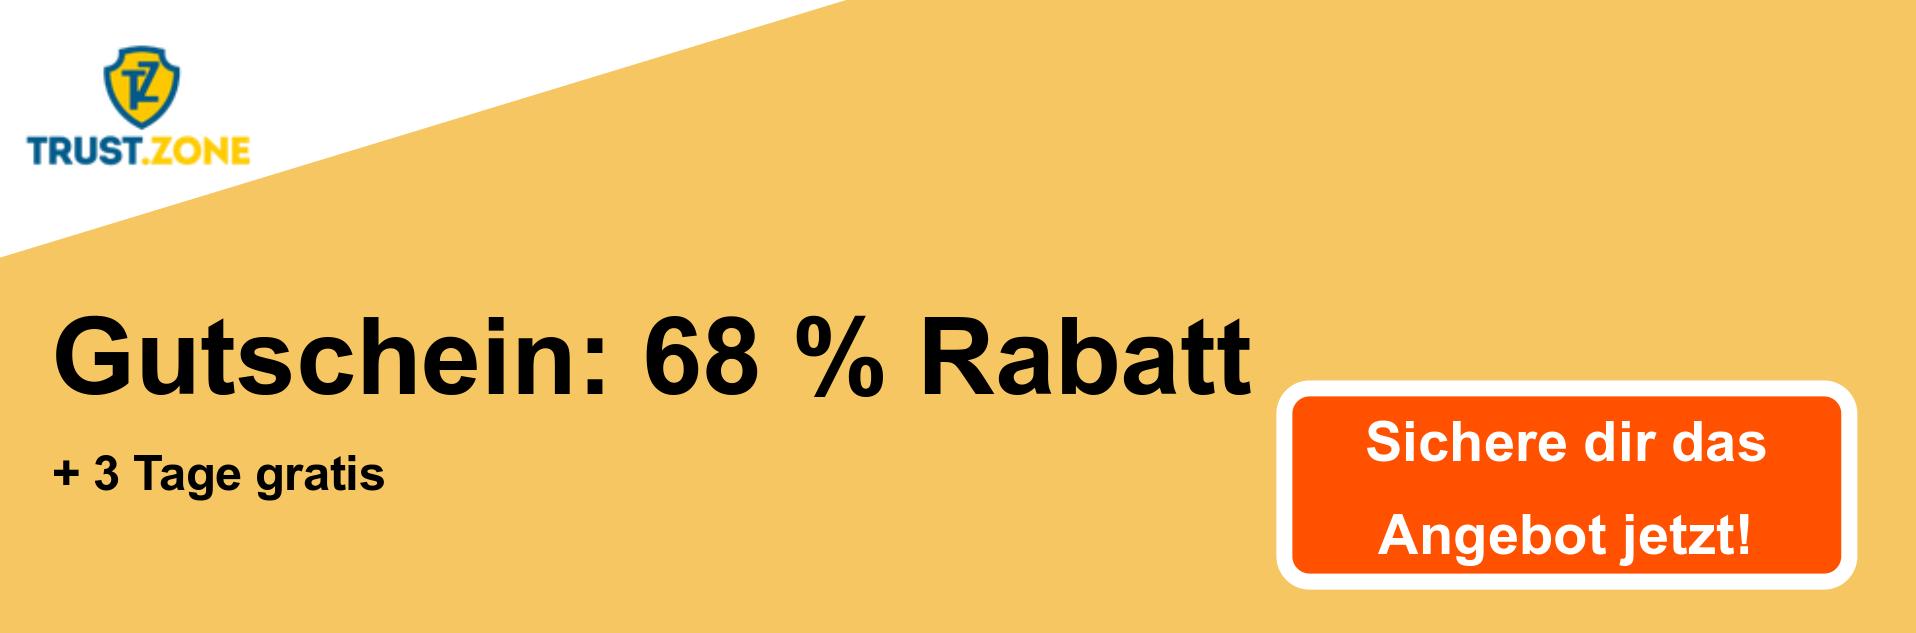 Trust.Zone VPN Coupon Banner - 68% Rabatt